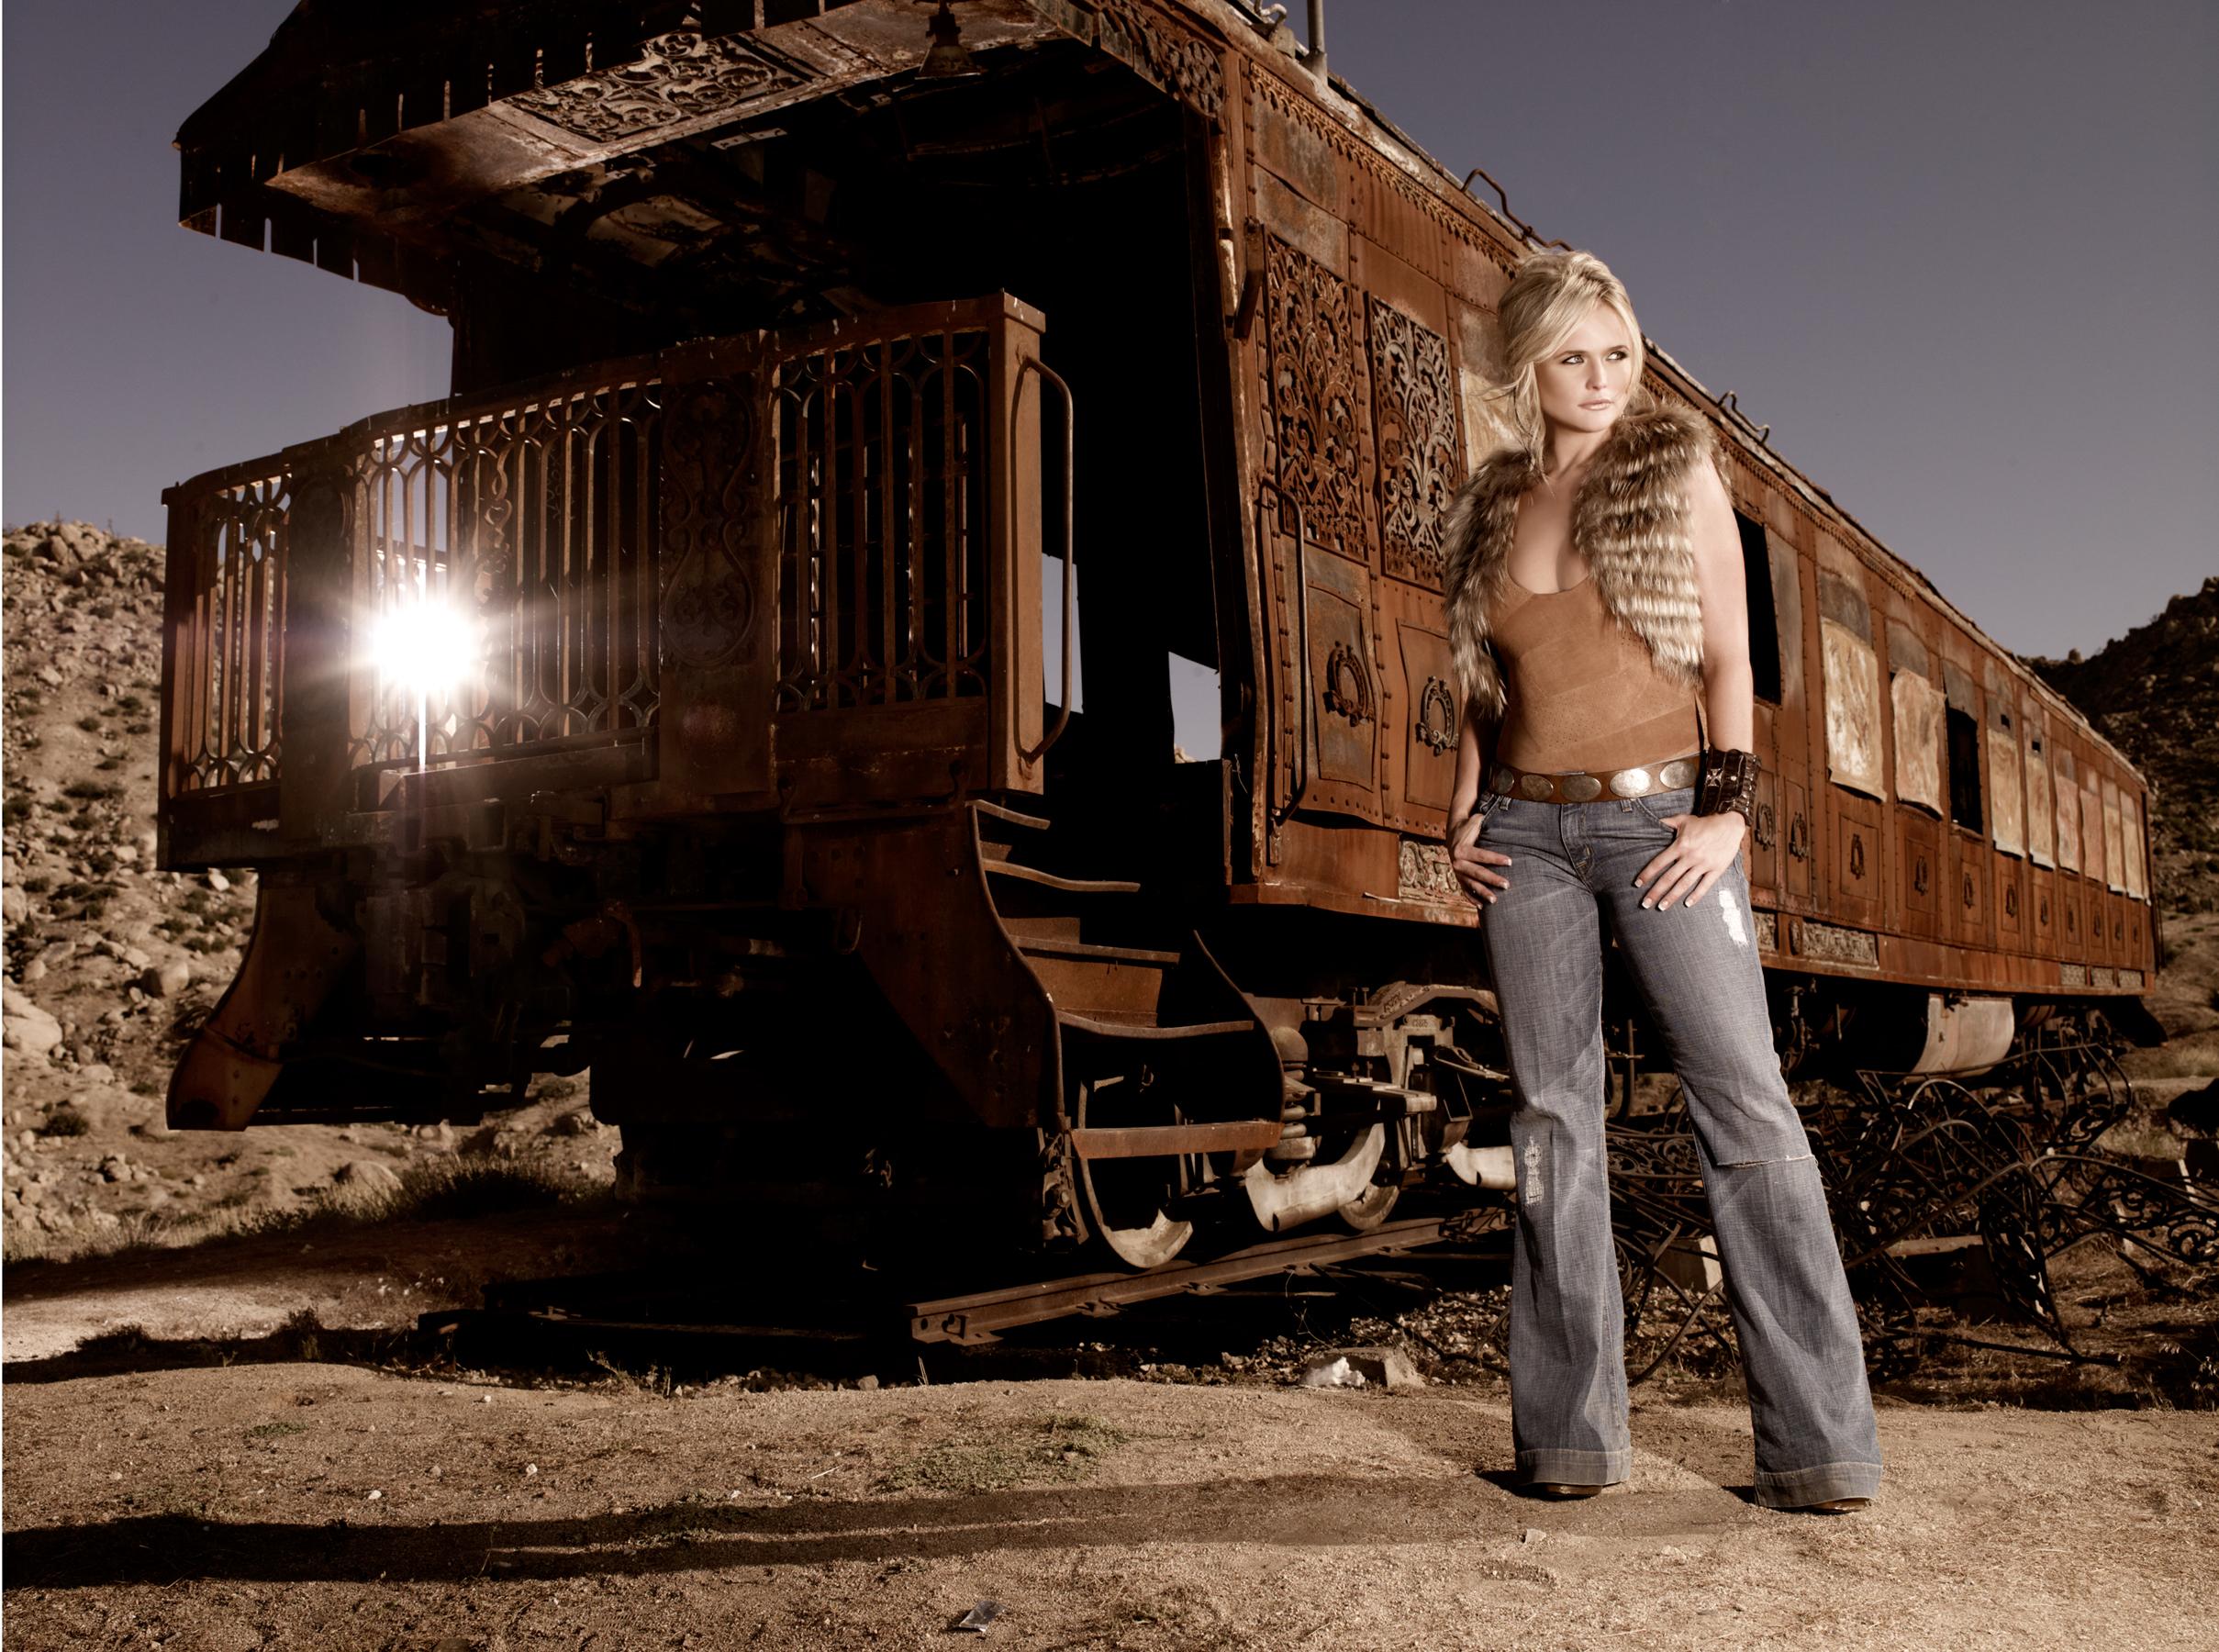 miranda-lambert_06-train2_0733.r.jpg